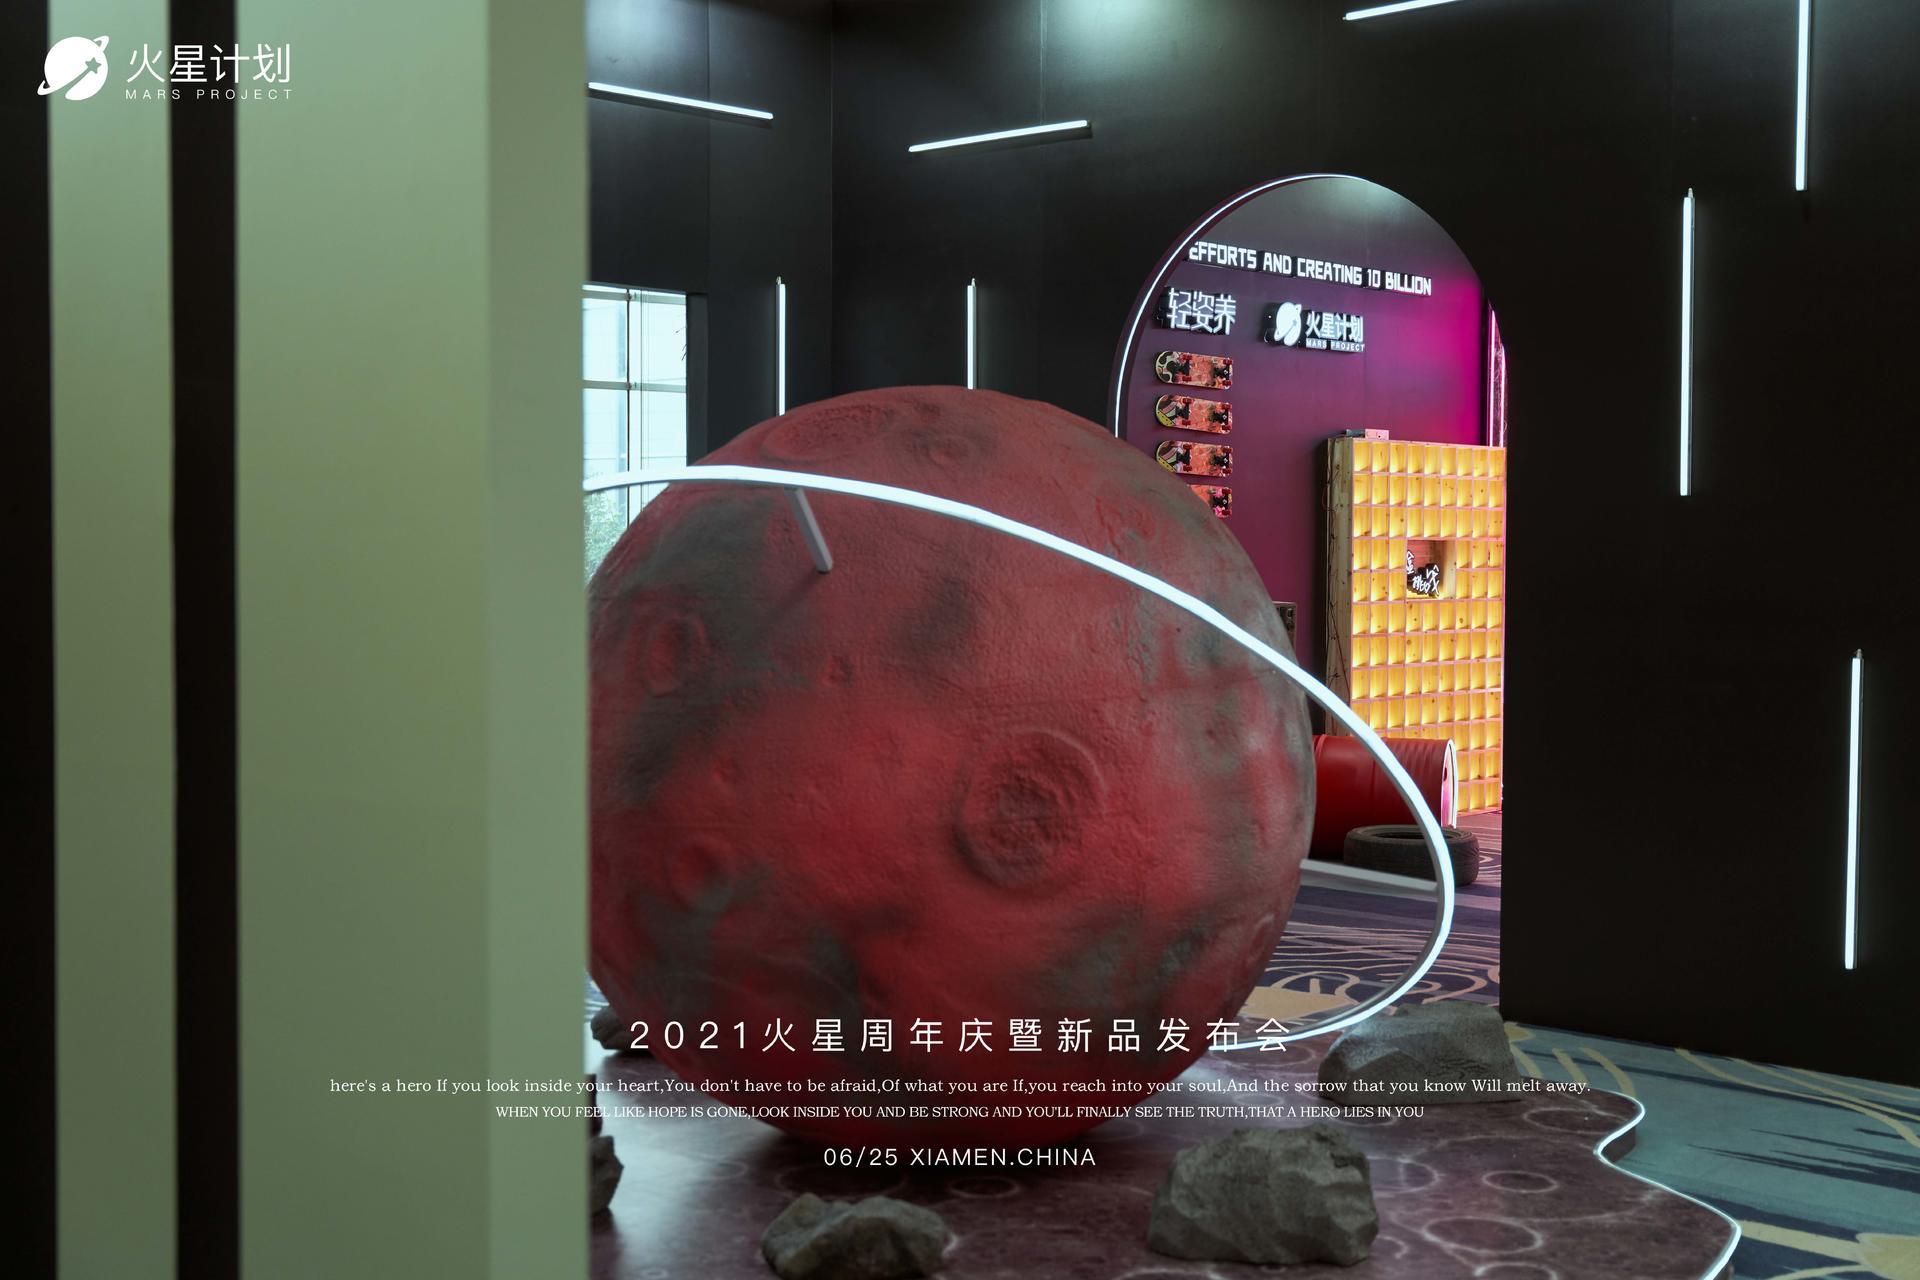 貌似在这场新品发布会活动策划现场看到了火星